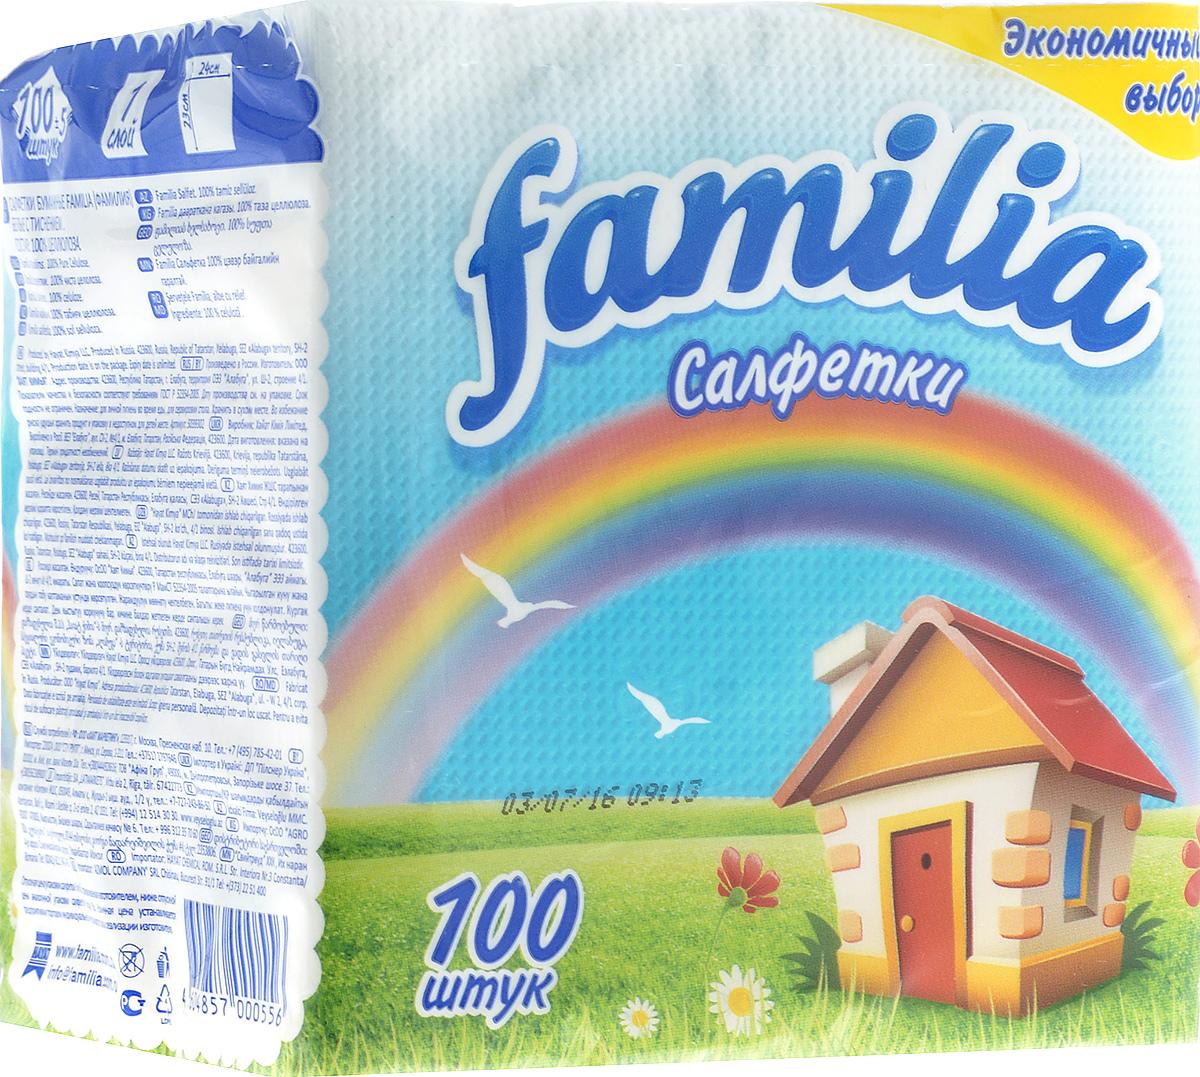 Салфетки бумажные Familia Радуга, однослойные, 23 х 24 см, 100 шт7094Однослойные бумажные салфетки Familia Радуга мягкие, но в то же время прочные. Изделия выполнены из первичного волокна (100% целлюлоза). Они подходят для косметического, санитарно-гигиенического и хозяйственного назначения. Обладают хорошими впитывающими свойствами. Салфетки красиво оформят сервировку стола. Размер салфетки: 23 х 24 см. Количество слоев: 1.